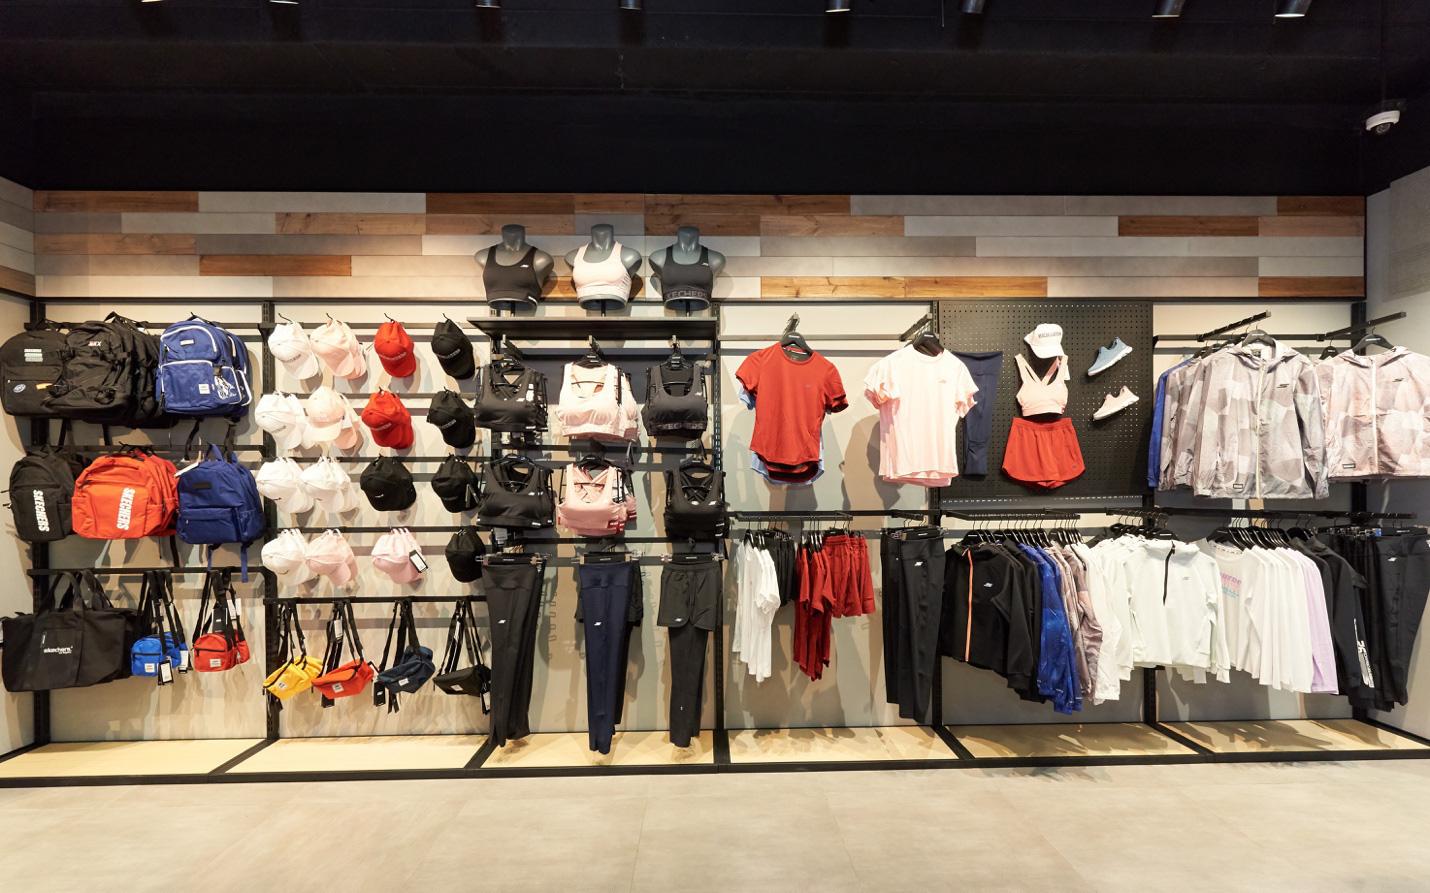 Skechers khai trương cửa hàng quy mô lớn tại Hà Nội